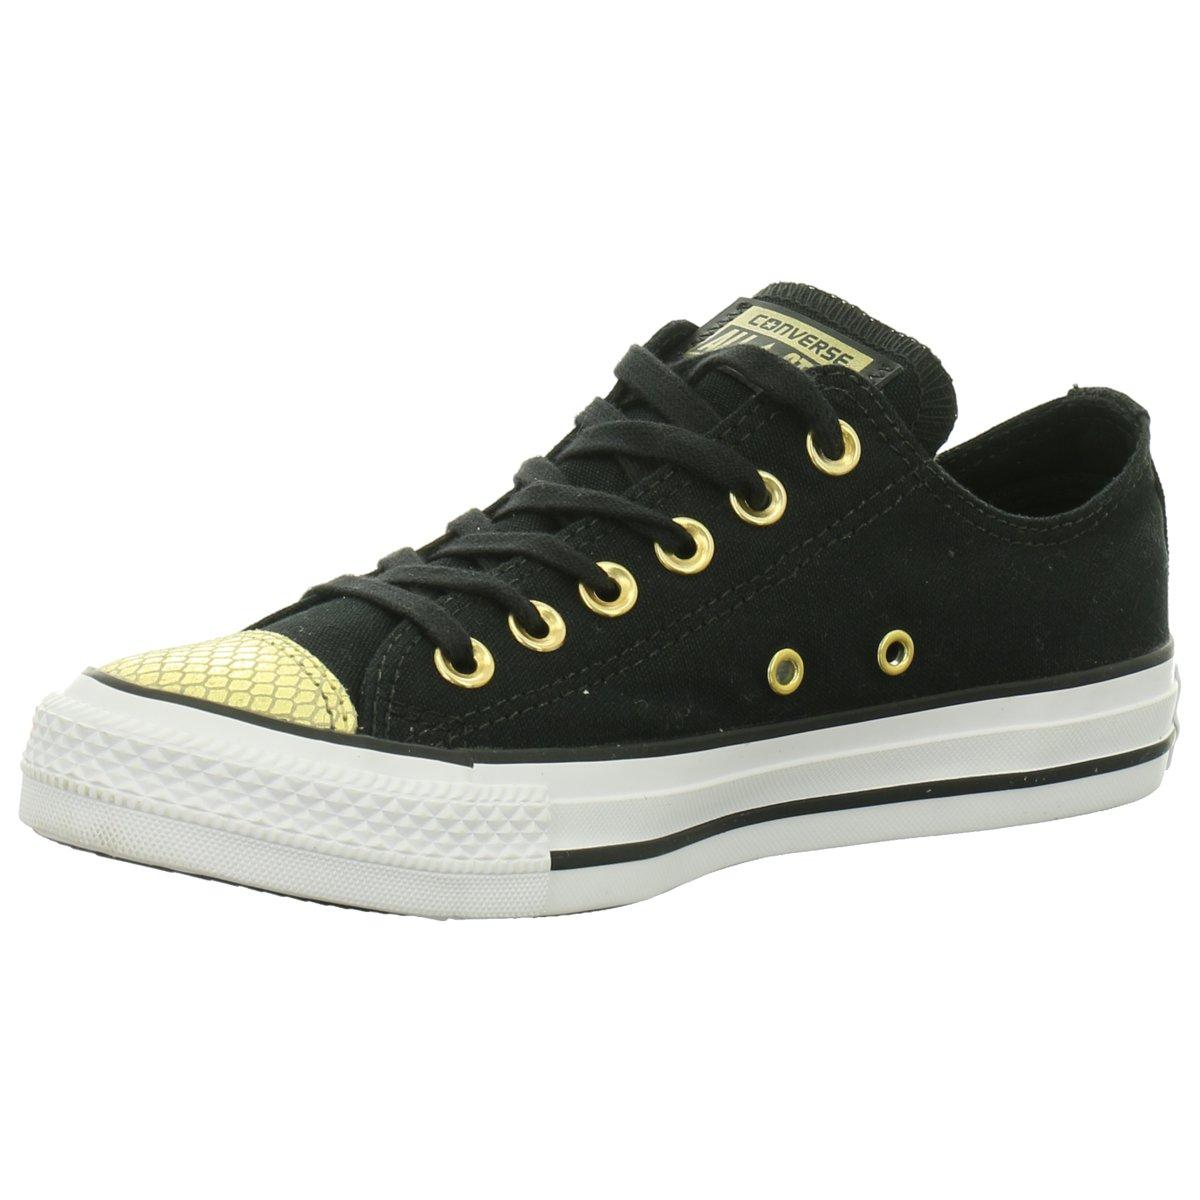 NEU Converse Damen Sneaker Chuck Taylor All Star 555815 schwarz 201019